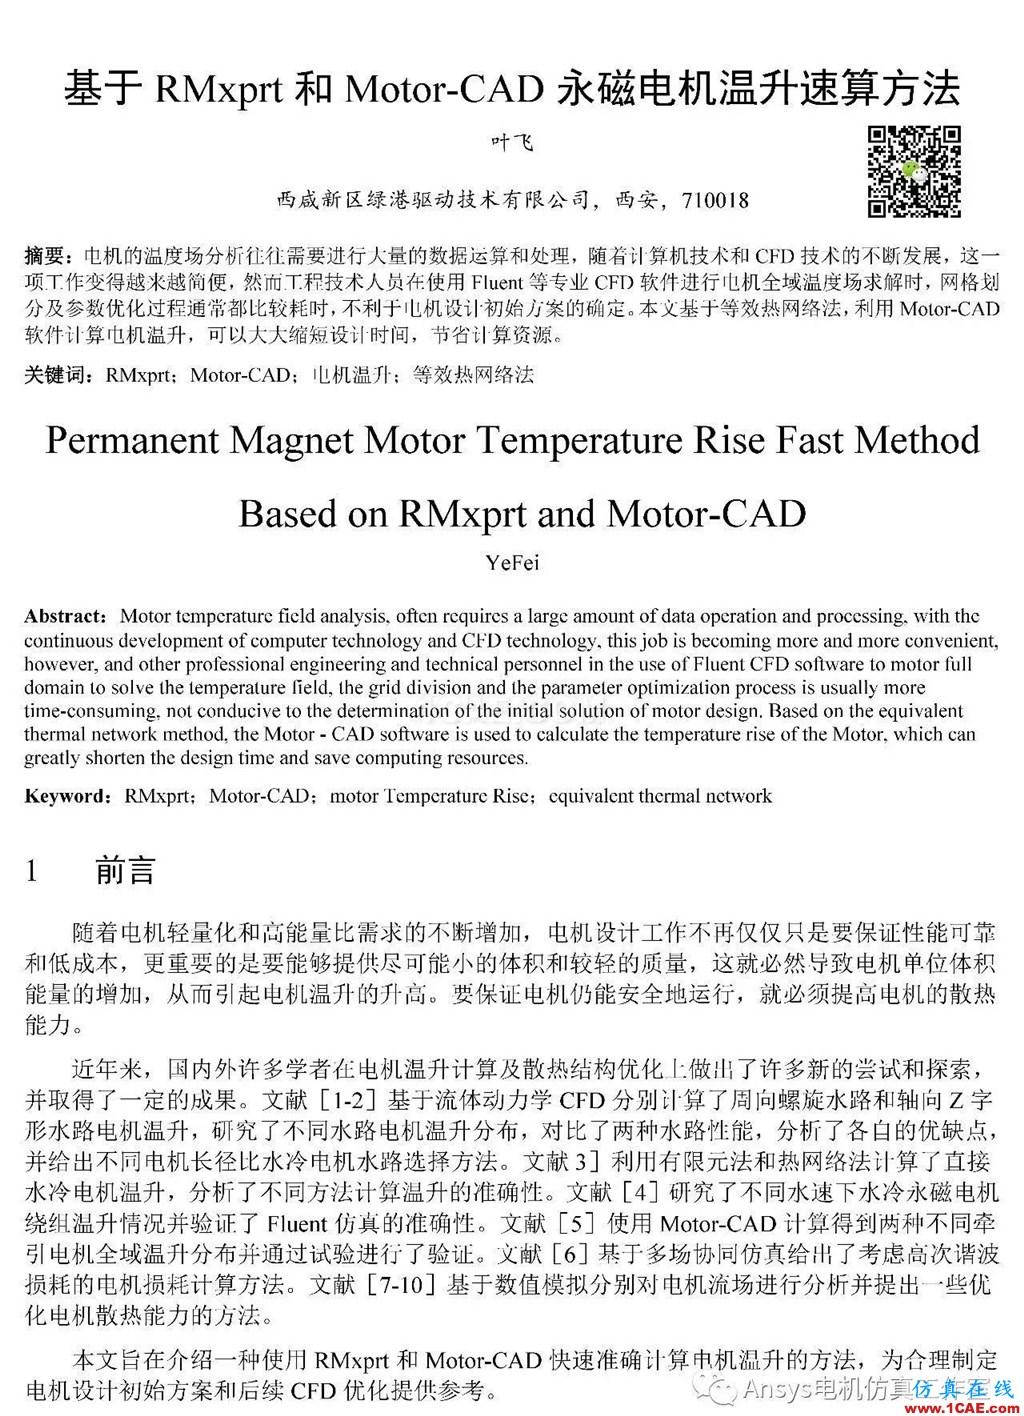 基于RMxprt和Motor-CAD永磁电机温升速算方法Maxwell分析图片1